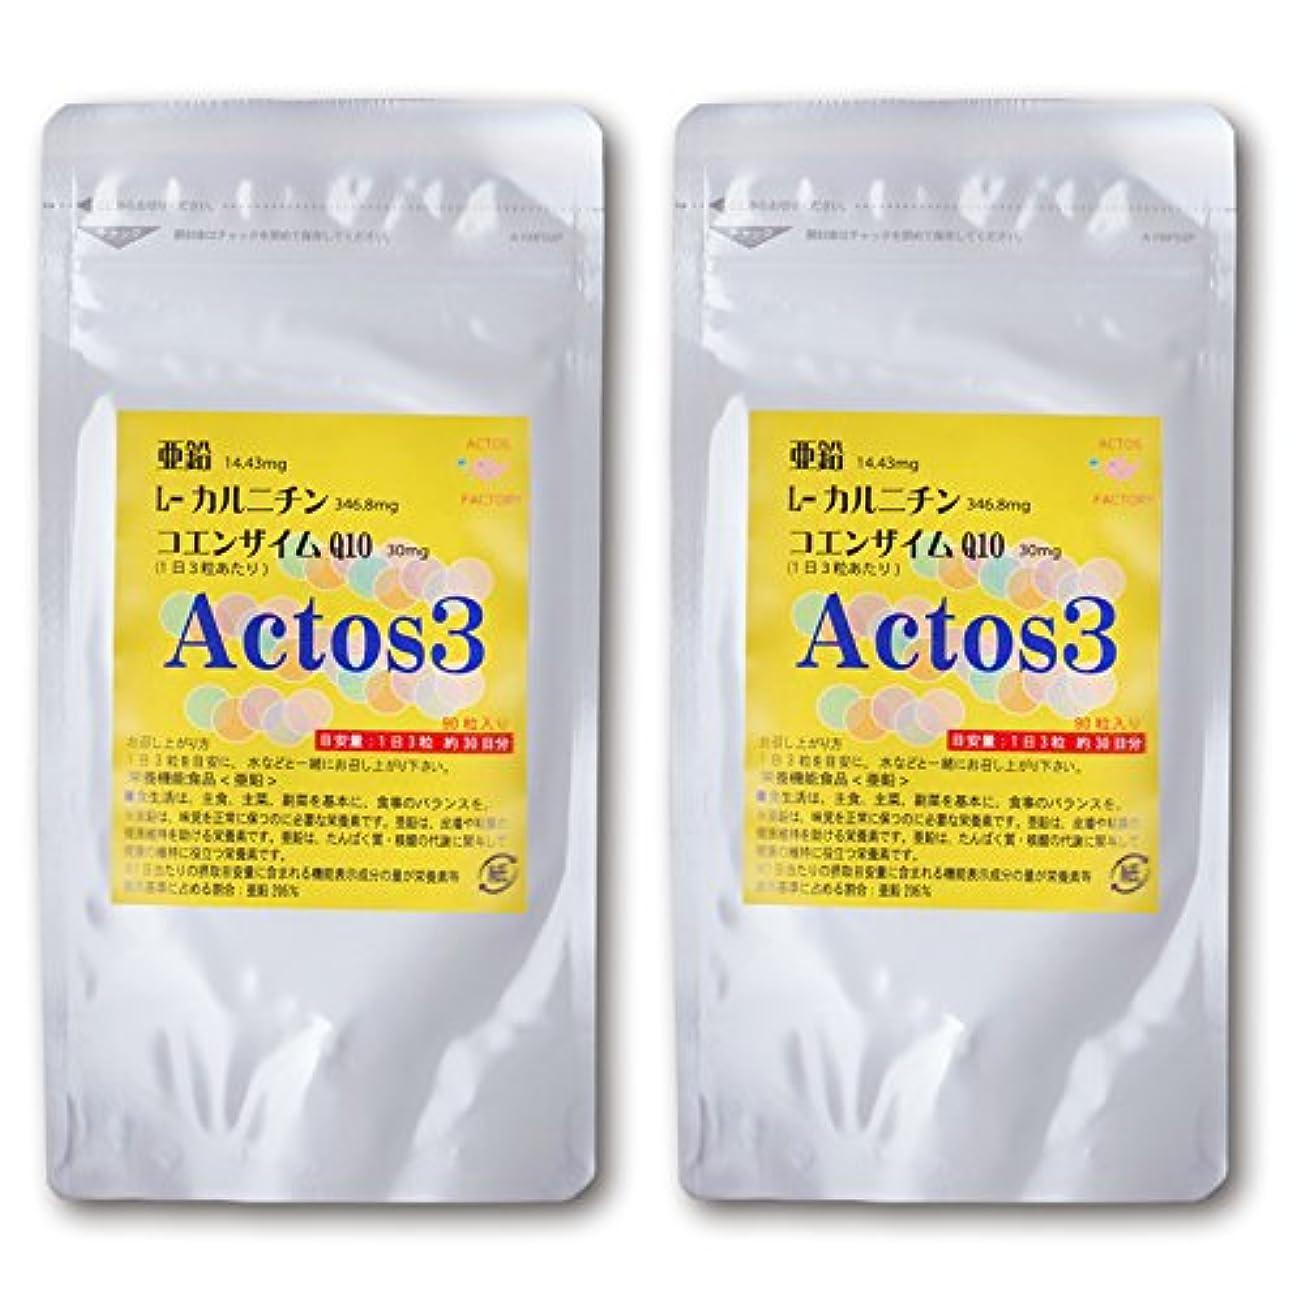 練習お手入れ感心する妊活 男性 サプリ アクトス3 亜鉛 L-カルニチン コエンザイムQ10 90粒30日分 2個セット